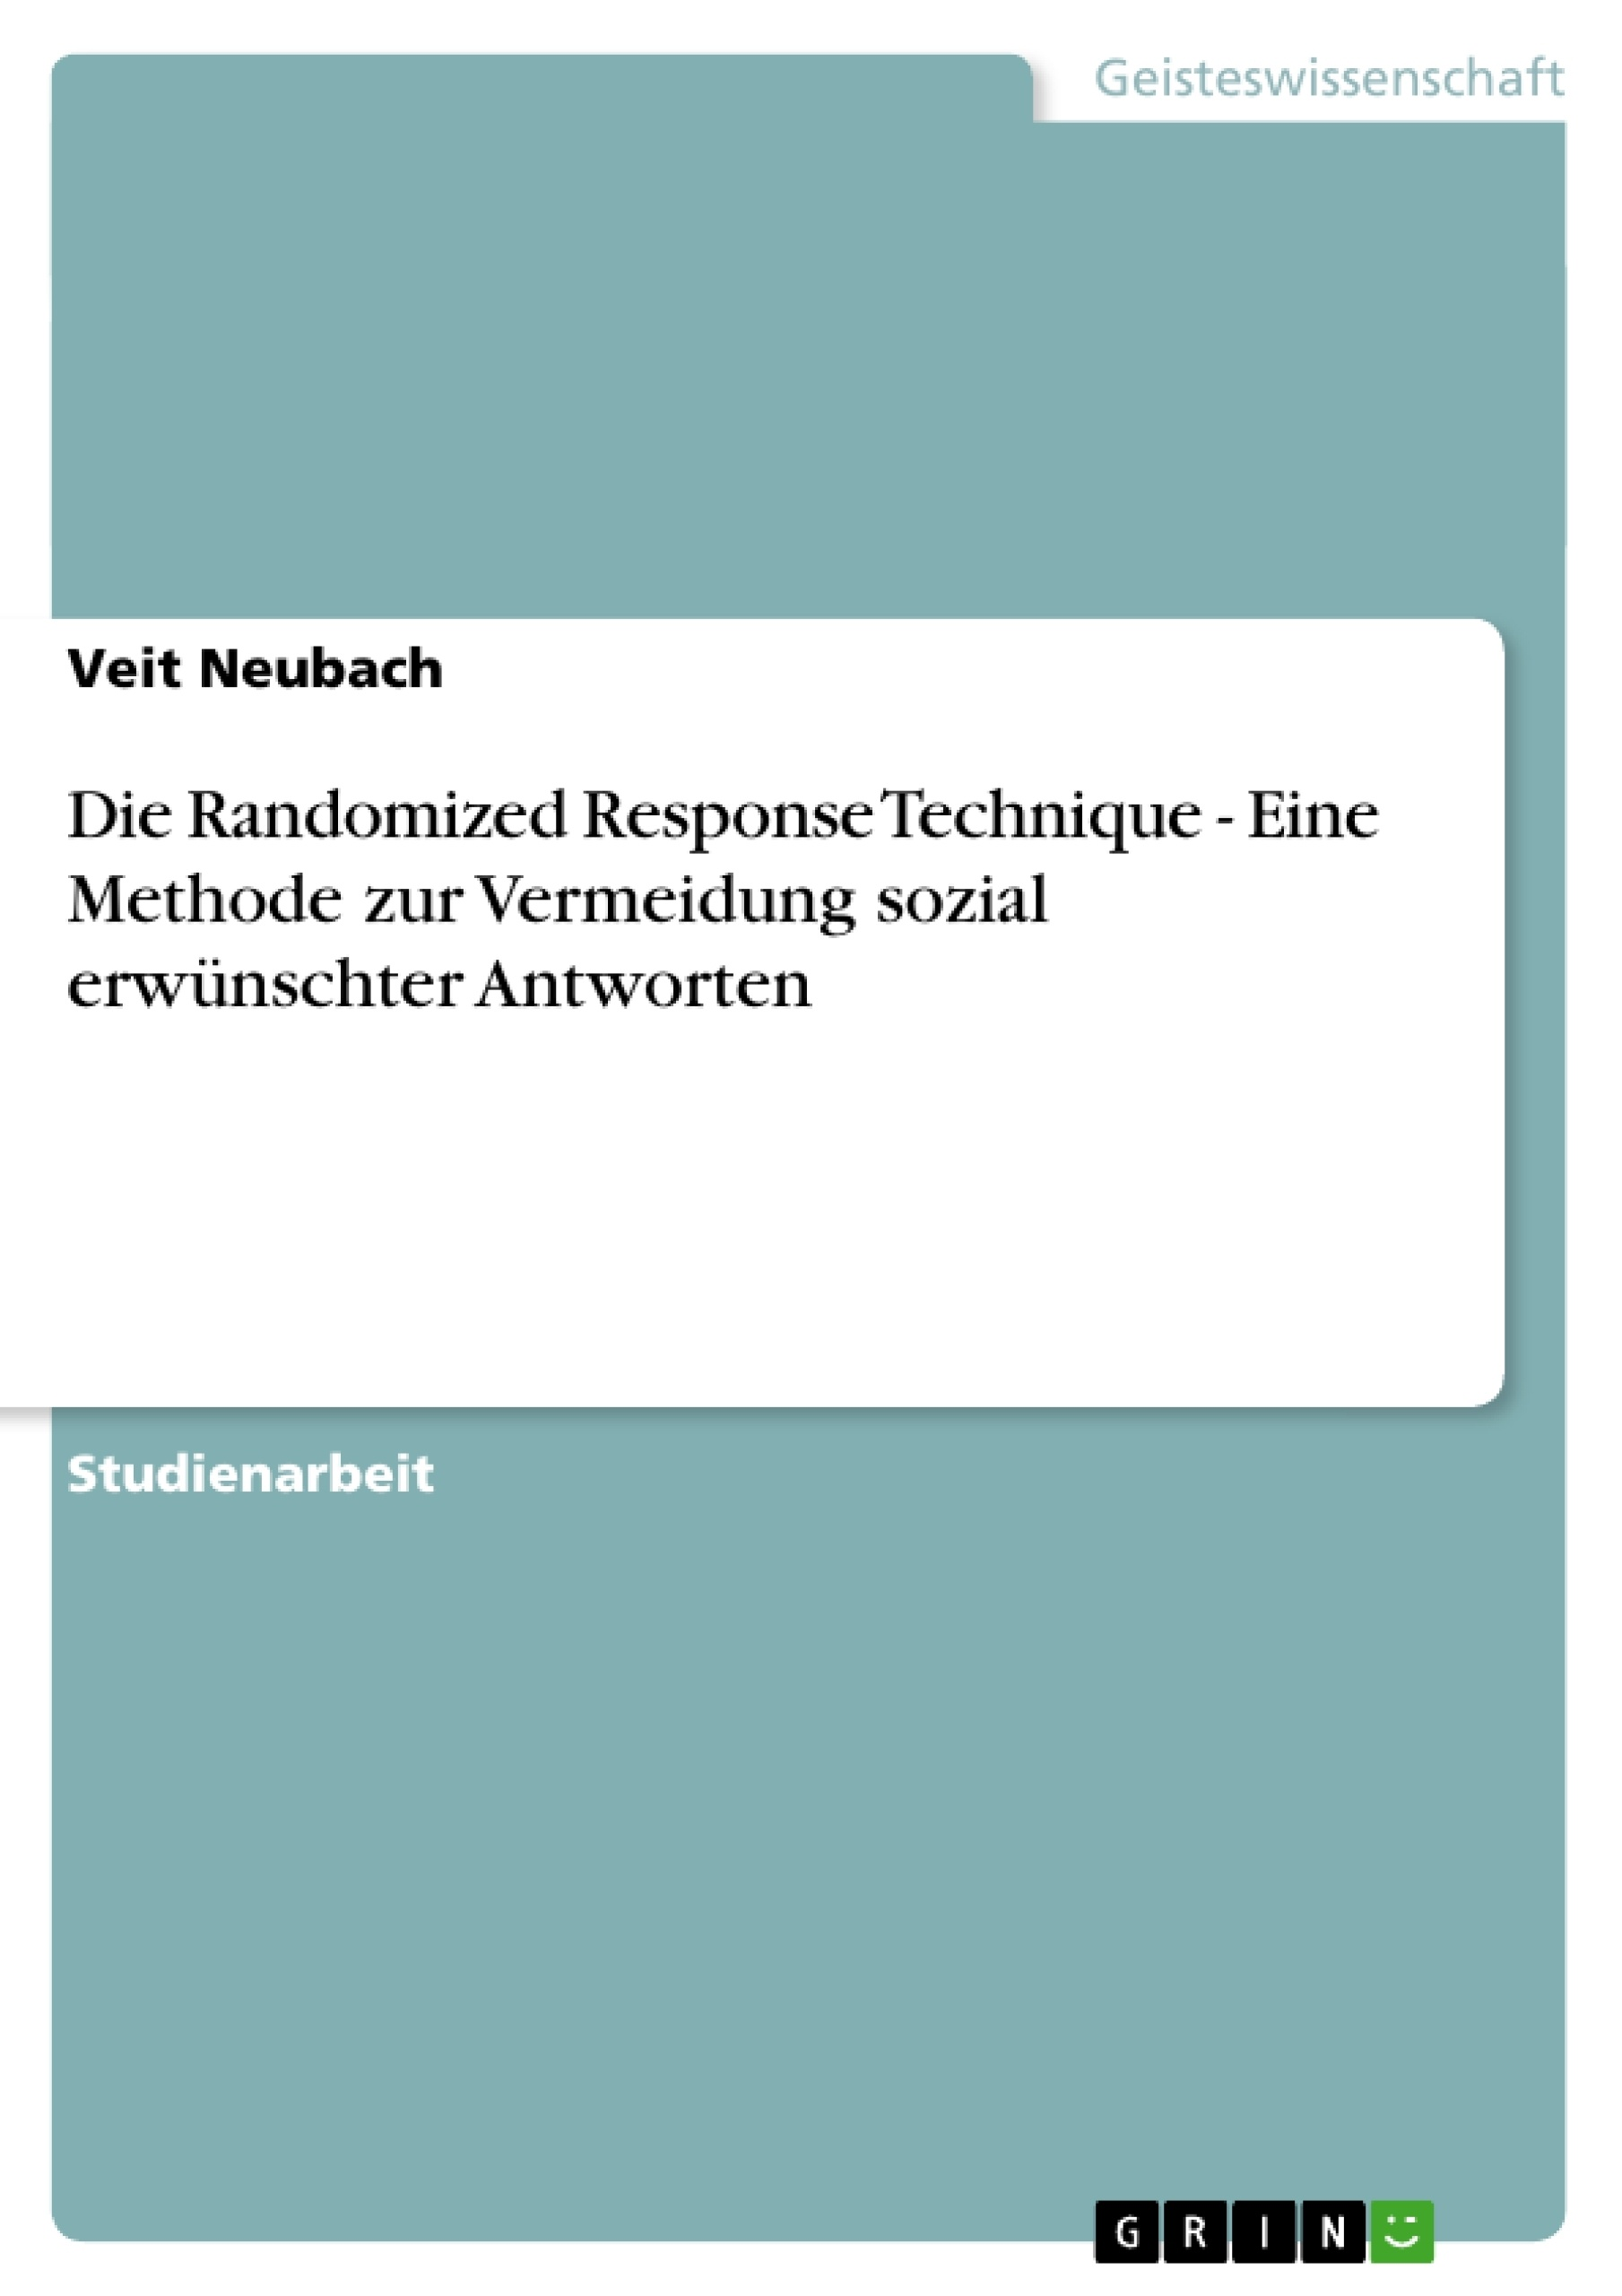 Titel: Die Randomized Response Technique - Eine Methode zur Vermeidung sozial erwünschter Antworten